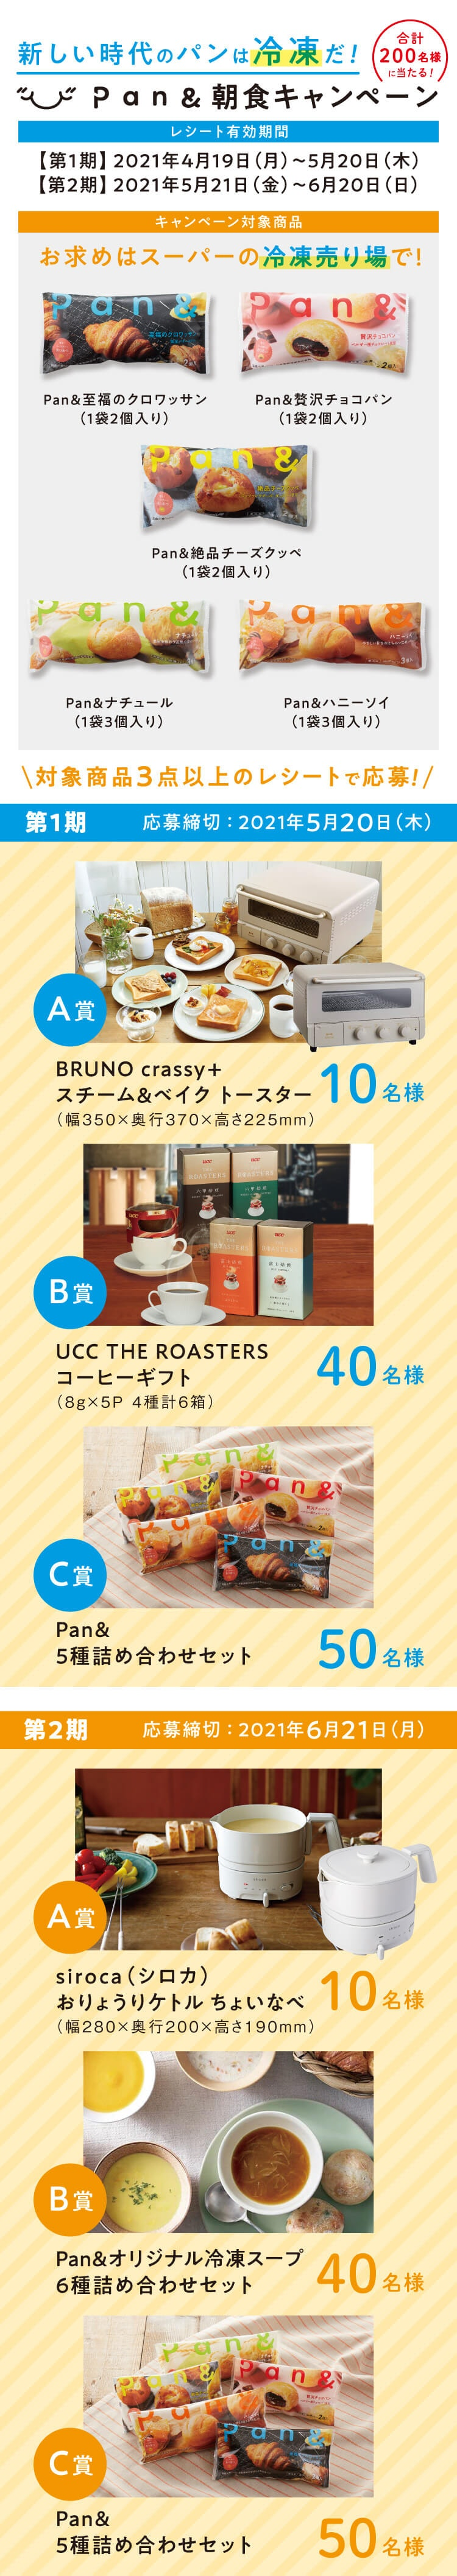 新しい時代のパンは冷凍だ!Pan&朝食キャンペーン